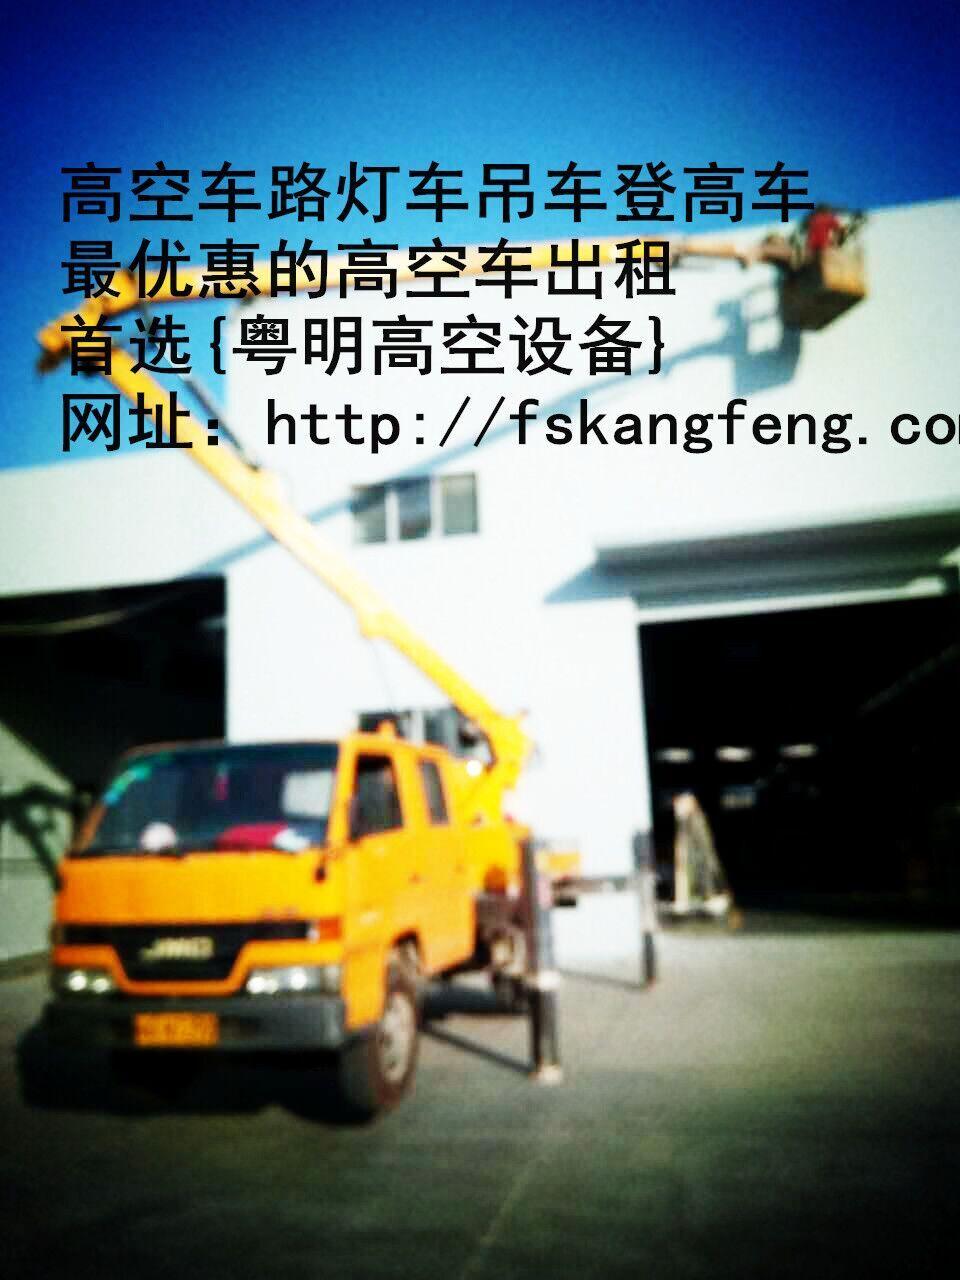 佛山南海三水高明禅城专业的升降车出租、吊篮车出租、云梯车出租